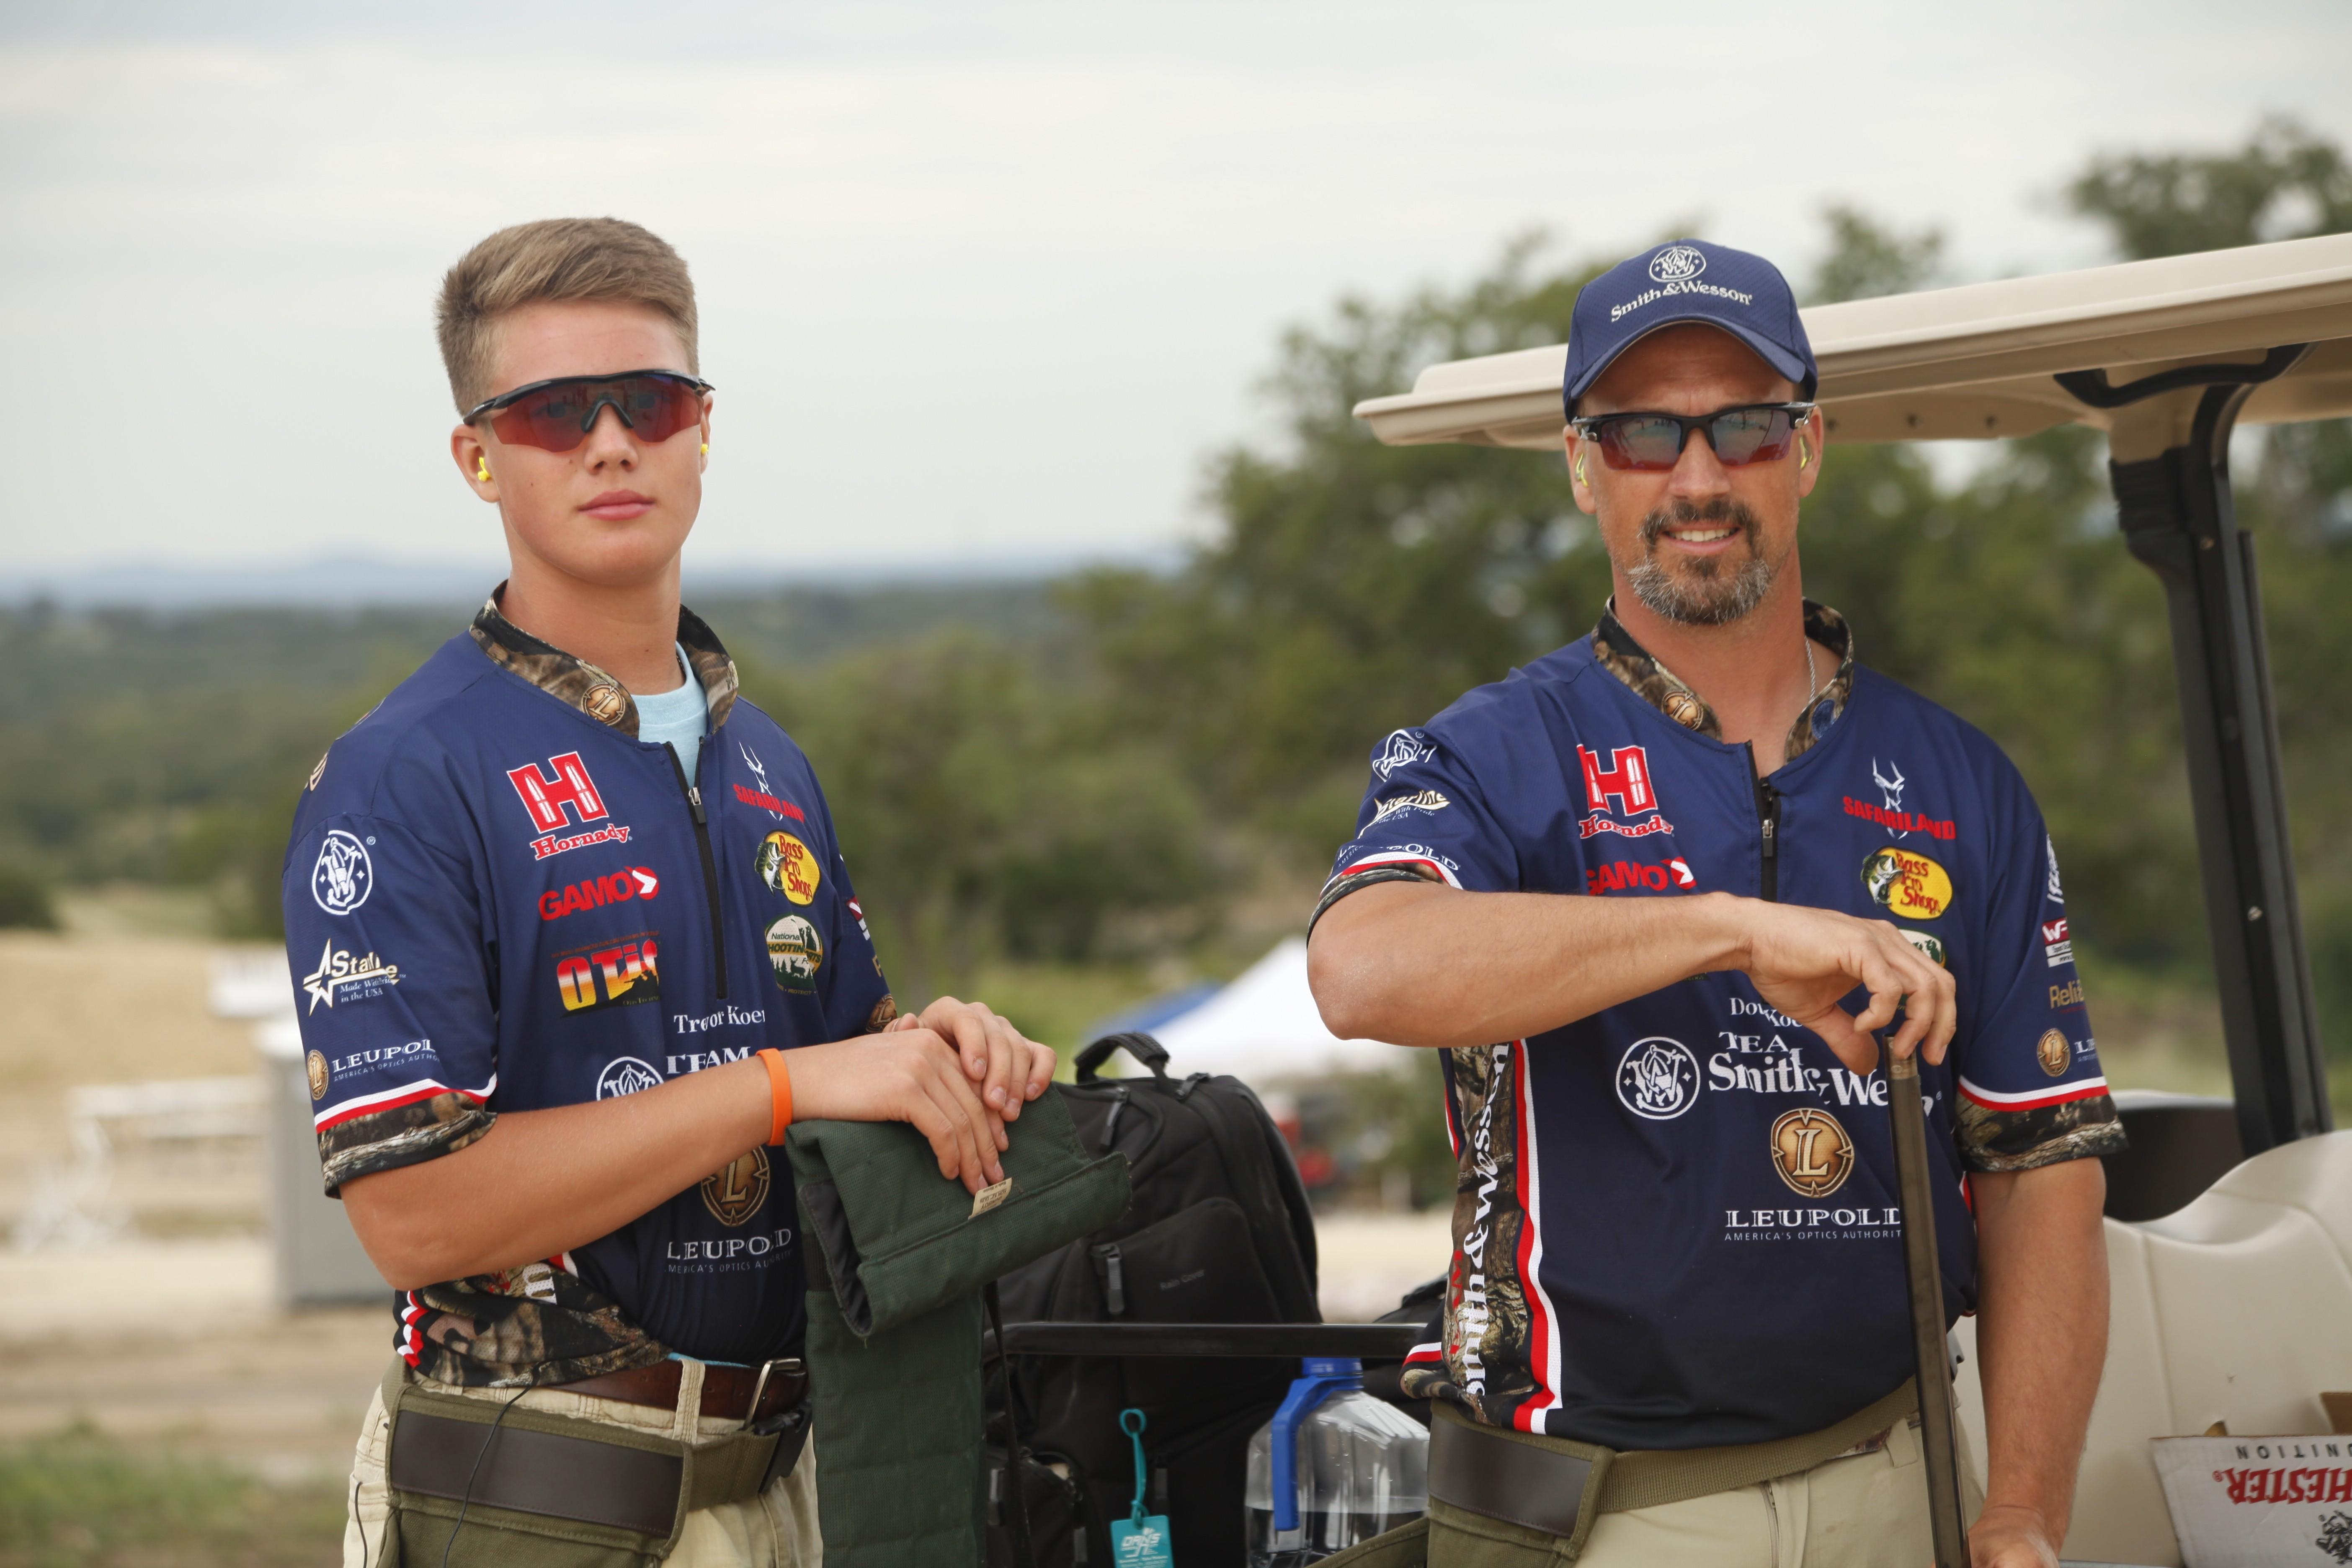 TK DK STC 2014 Golf Cart Pose